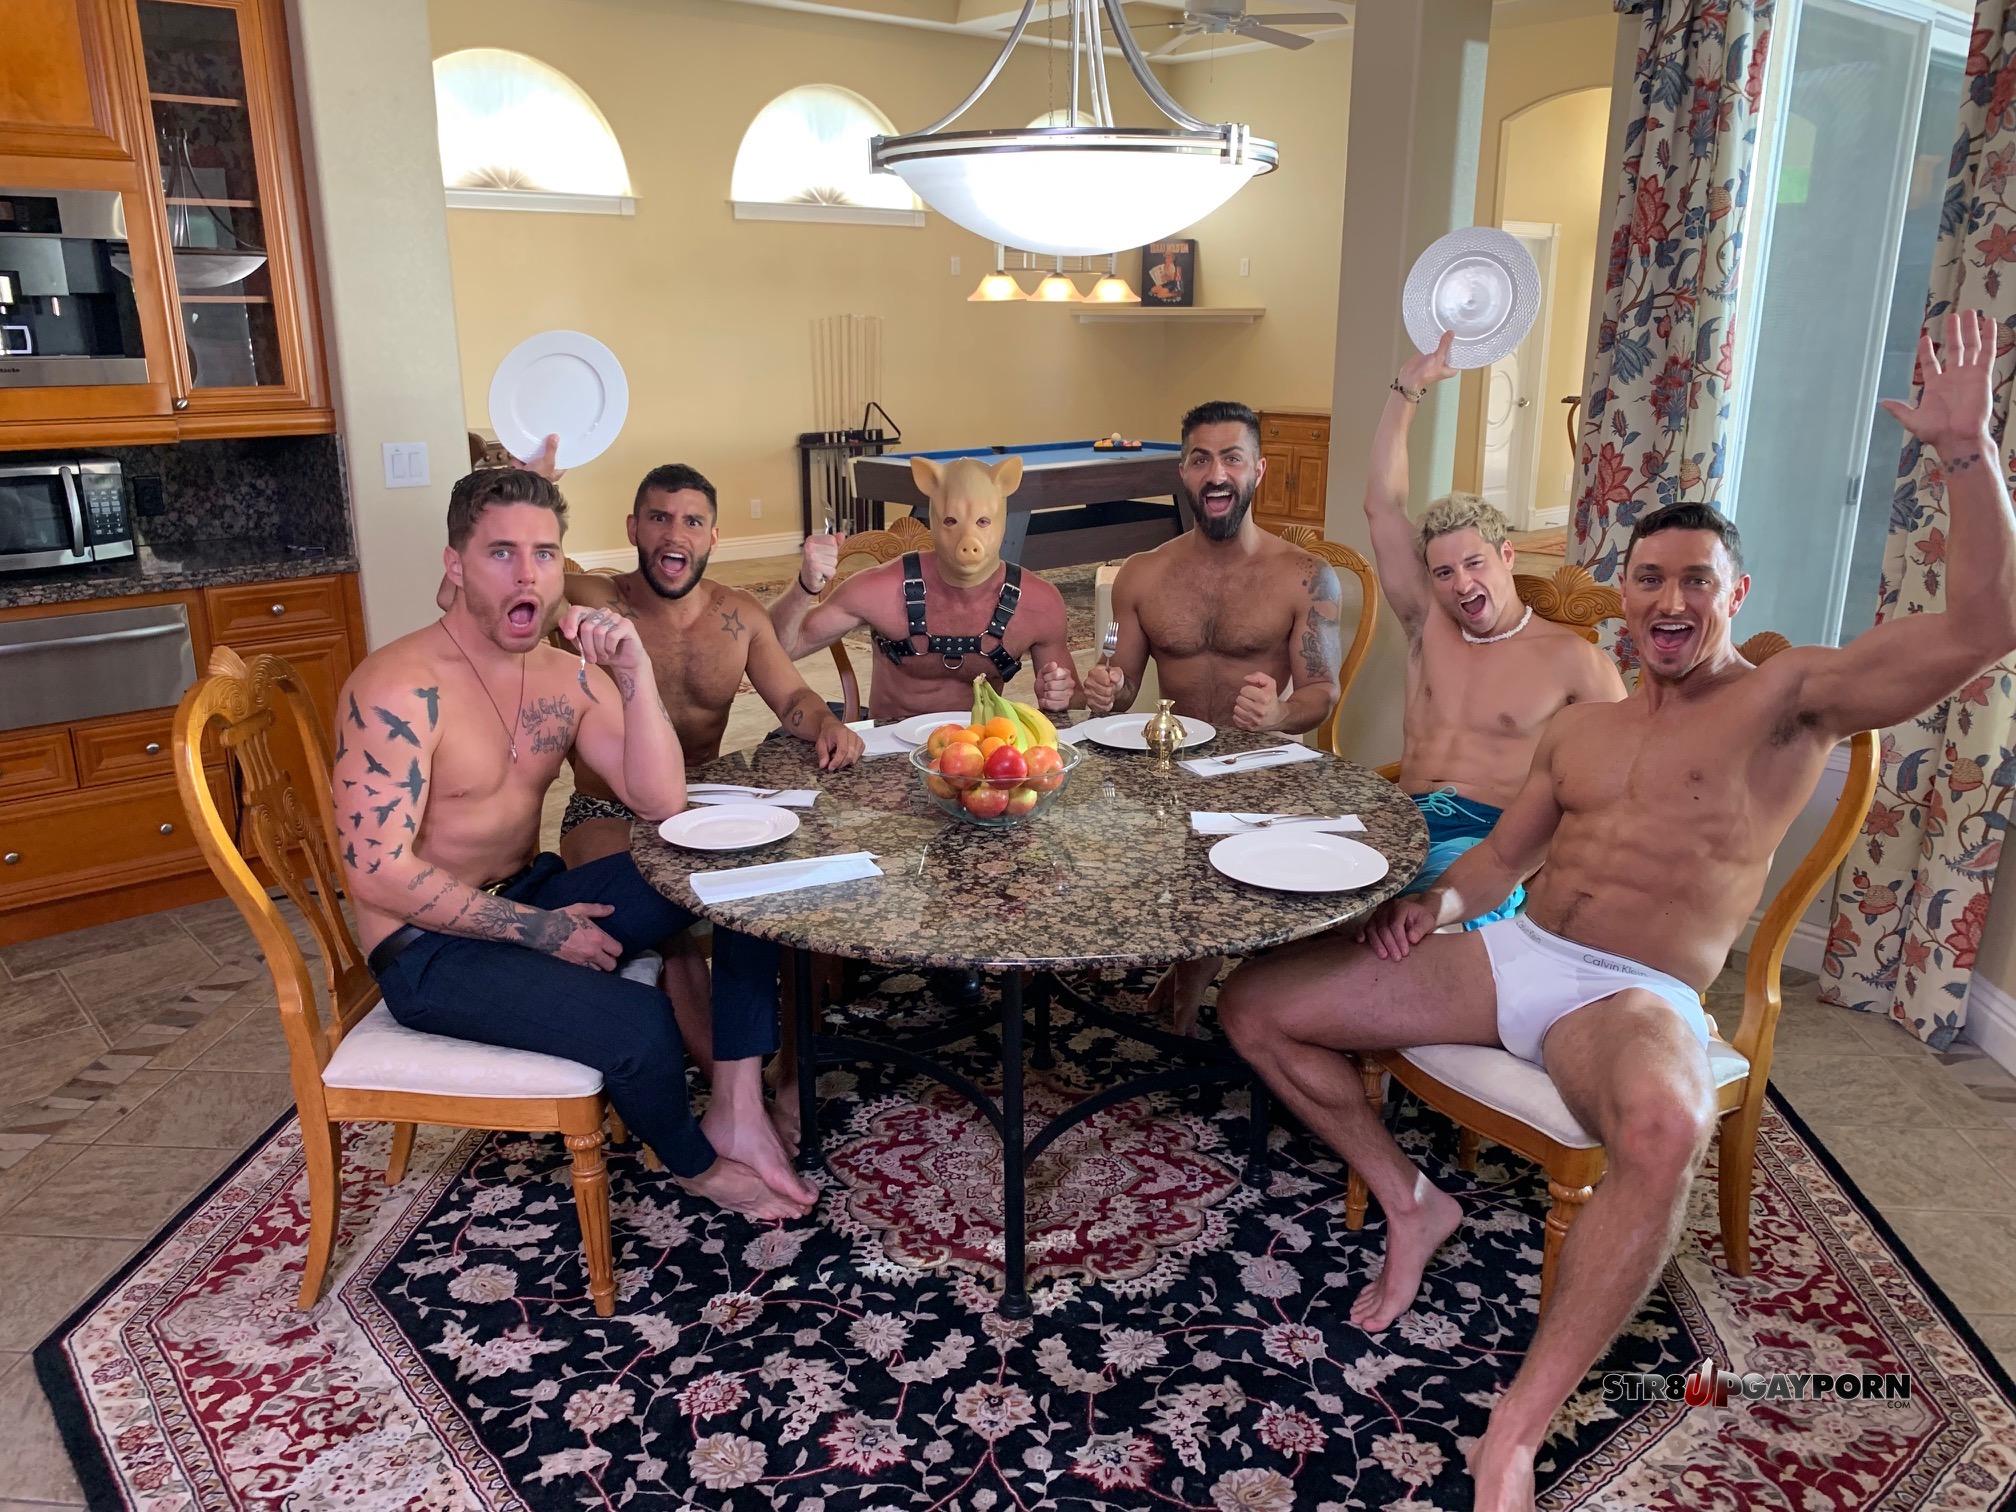 scared-stiff-gay-porn-calvin-banks-dante-colle-cade-maddox-josh-moore-adam-ramzi-1